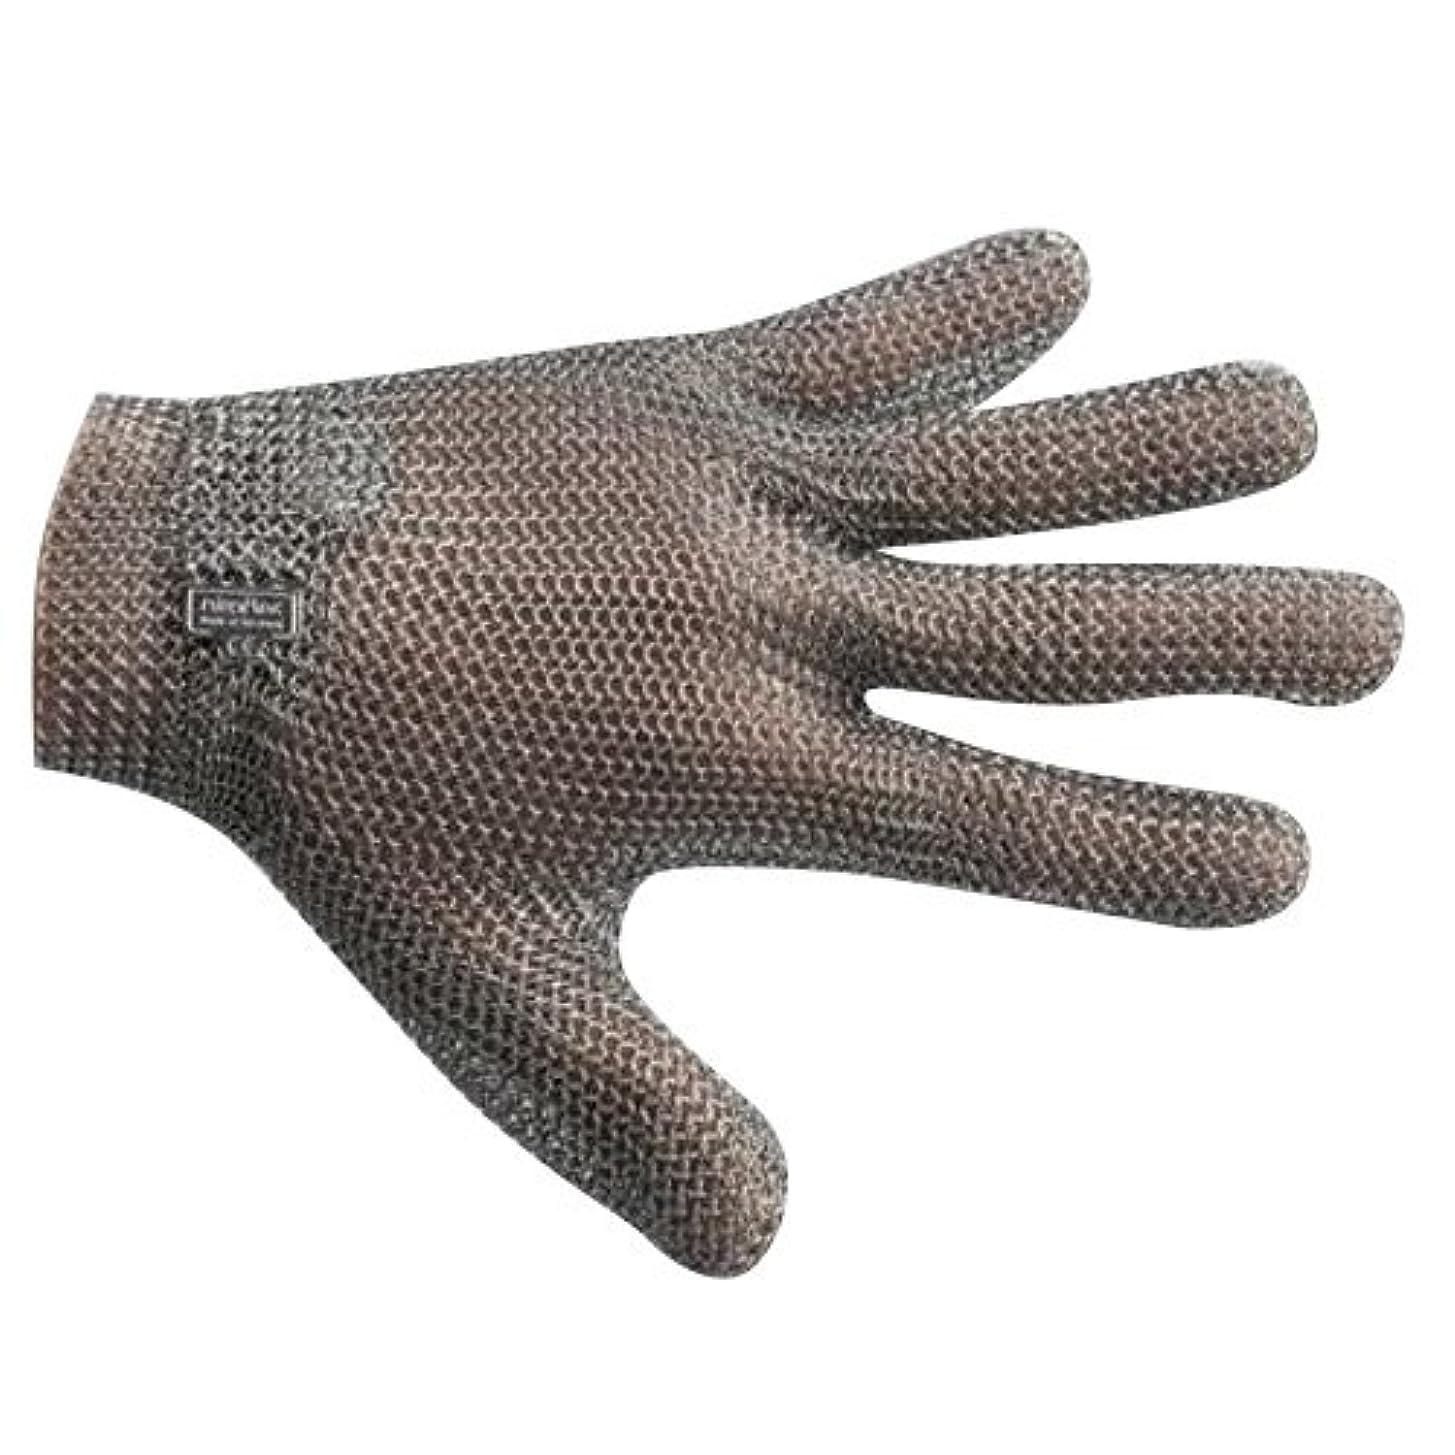 昇進パプアニューギニア合併症宇都宮製作 GU-2500 ステンレスメッシュ手袋 5本指(左右兼用) SS